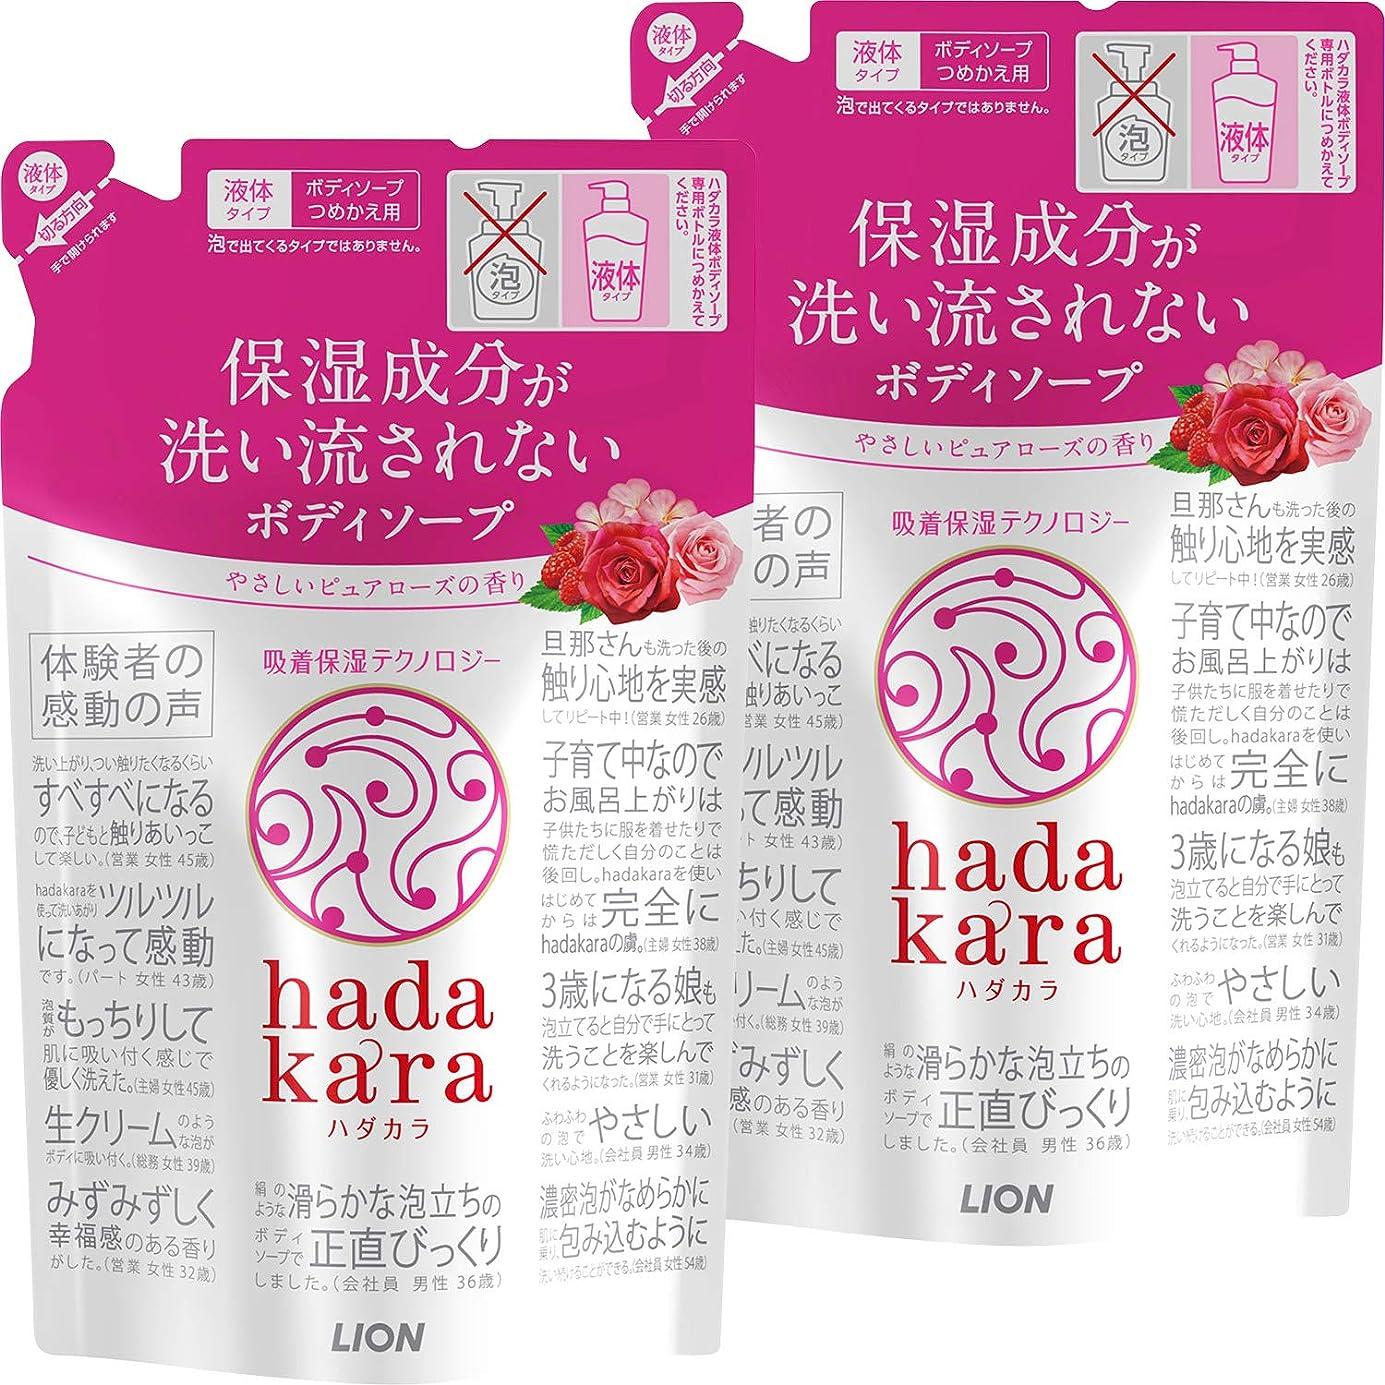 値下げ高原無人【まとめ買い】hadakara(ハダカラ) ボディソープ ピュアローズの香り 詰め替え 360ml×2個パック